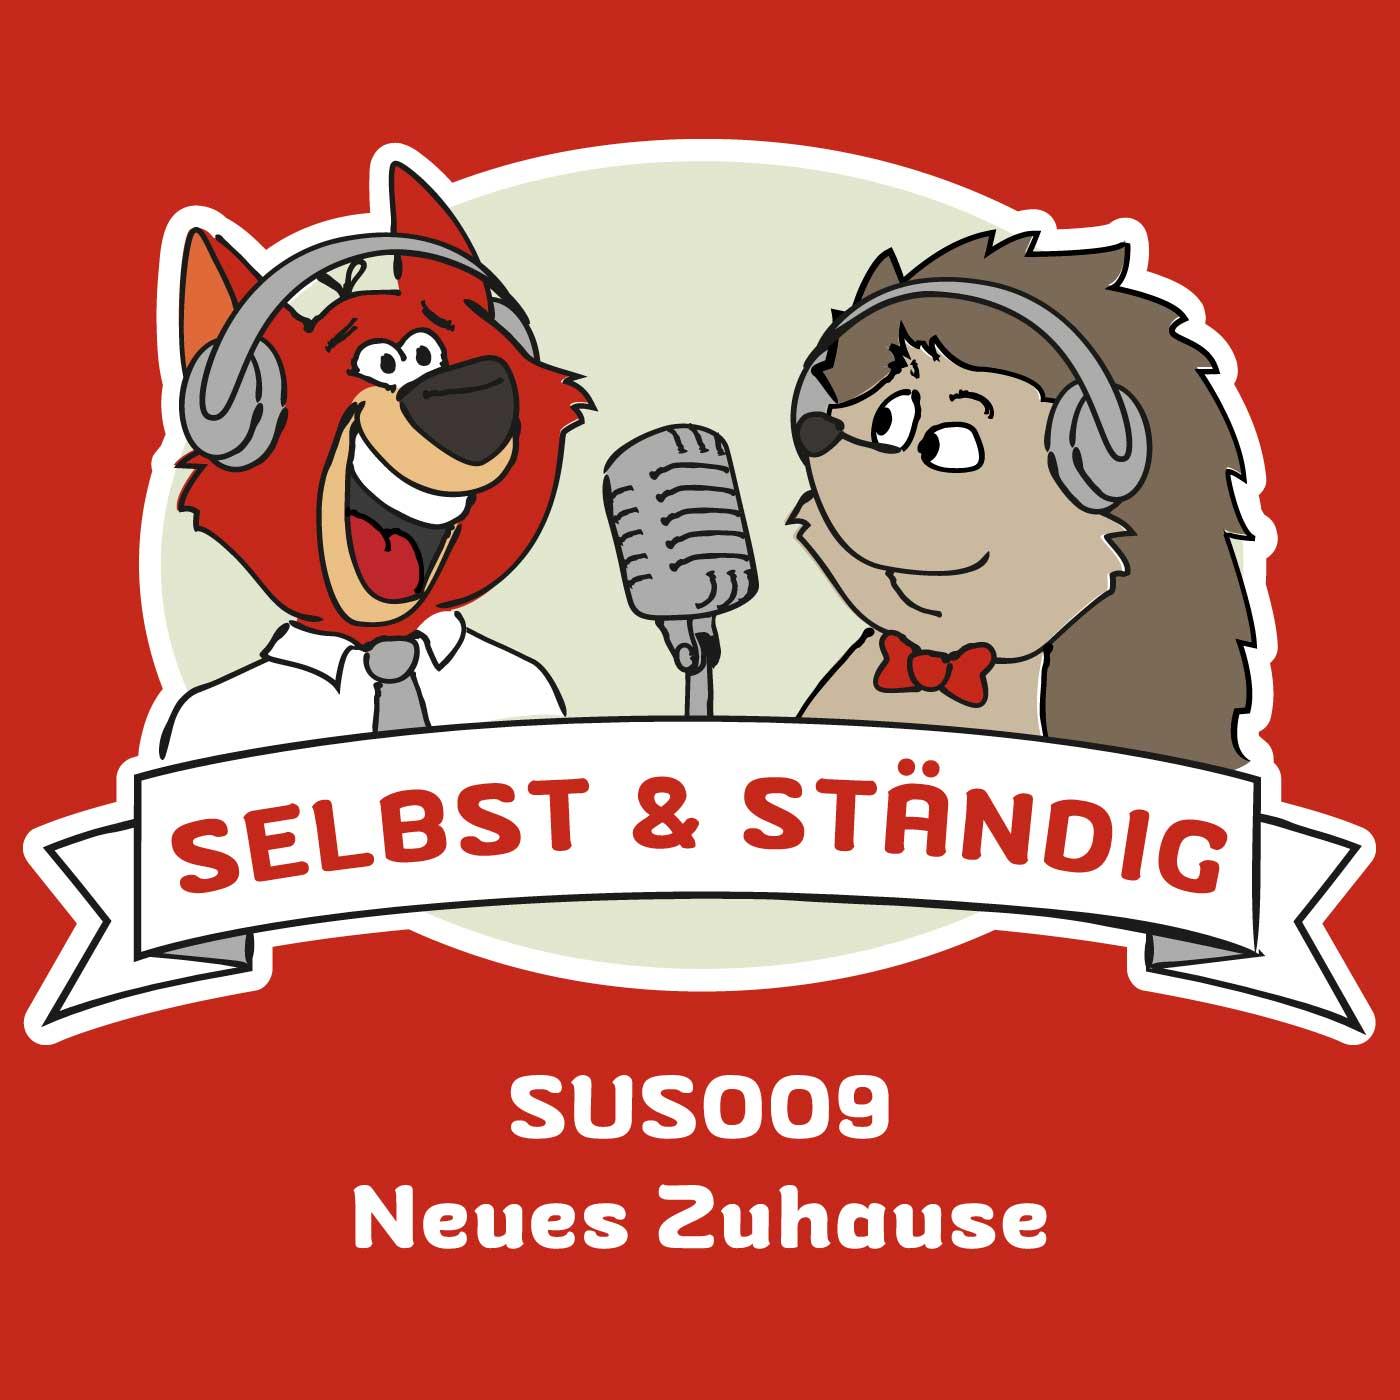 SUS009 - Neues Zuhause